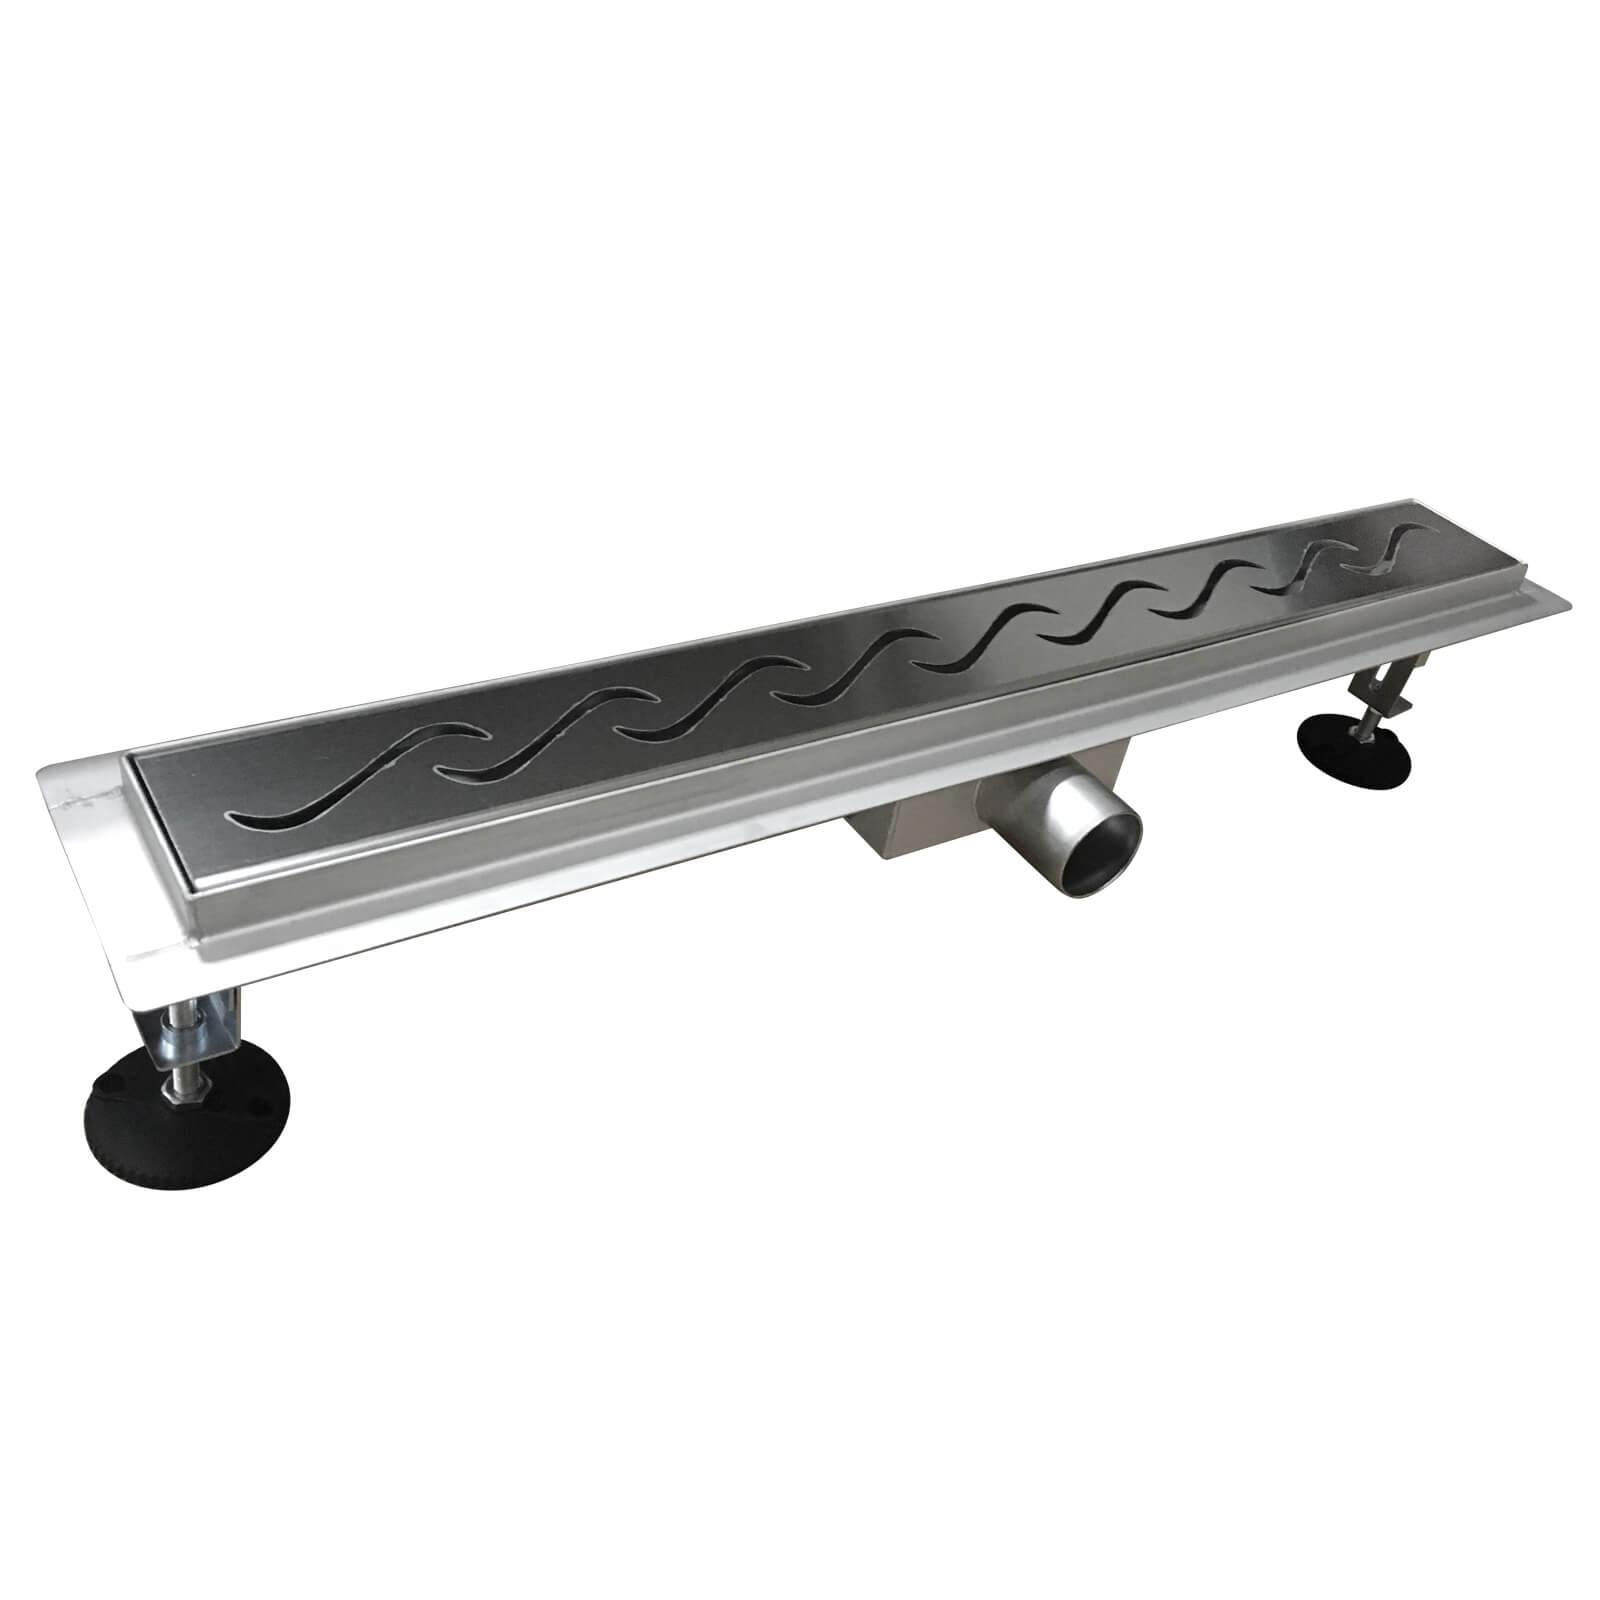 edelstahl duschrinne yukon ablaufrinne bodenablauf 60 cm. Black Bedroom Furniture Sets. Home Design Ideas